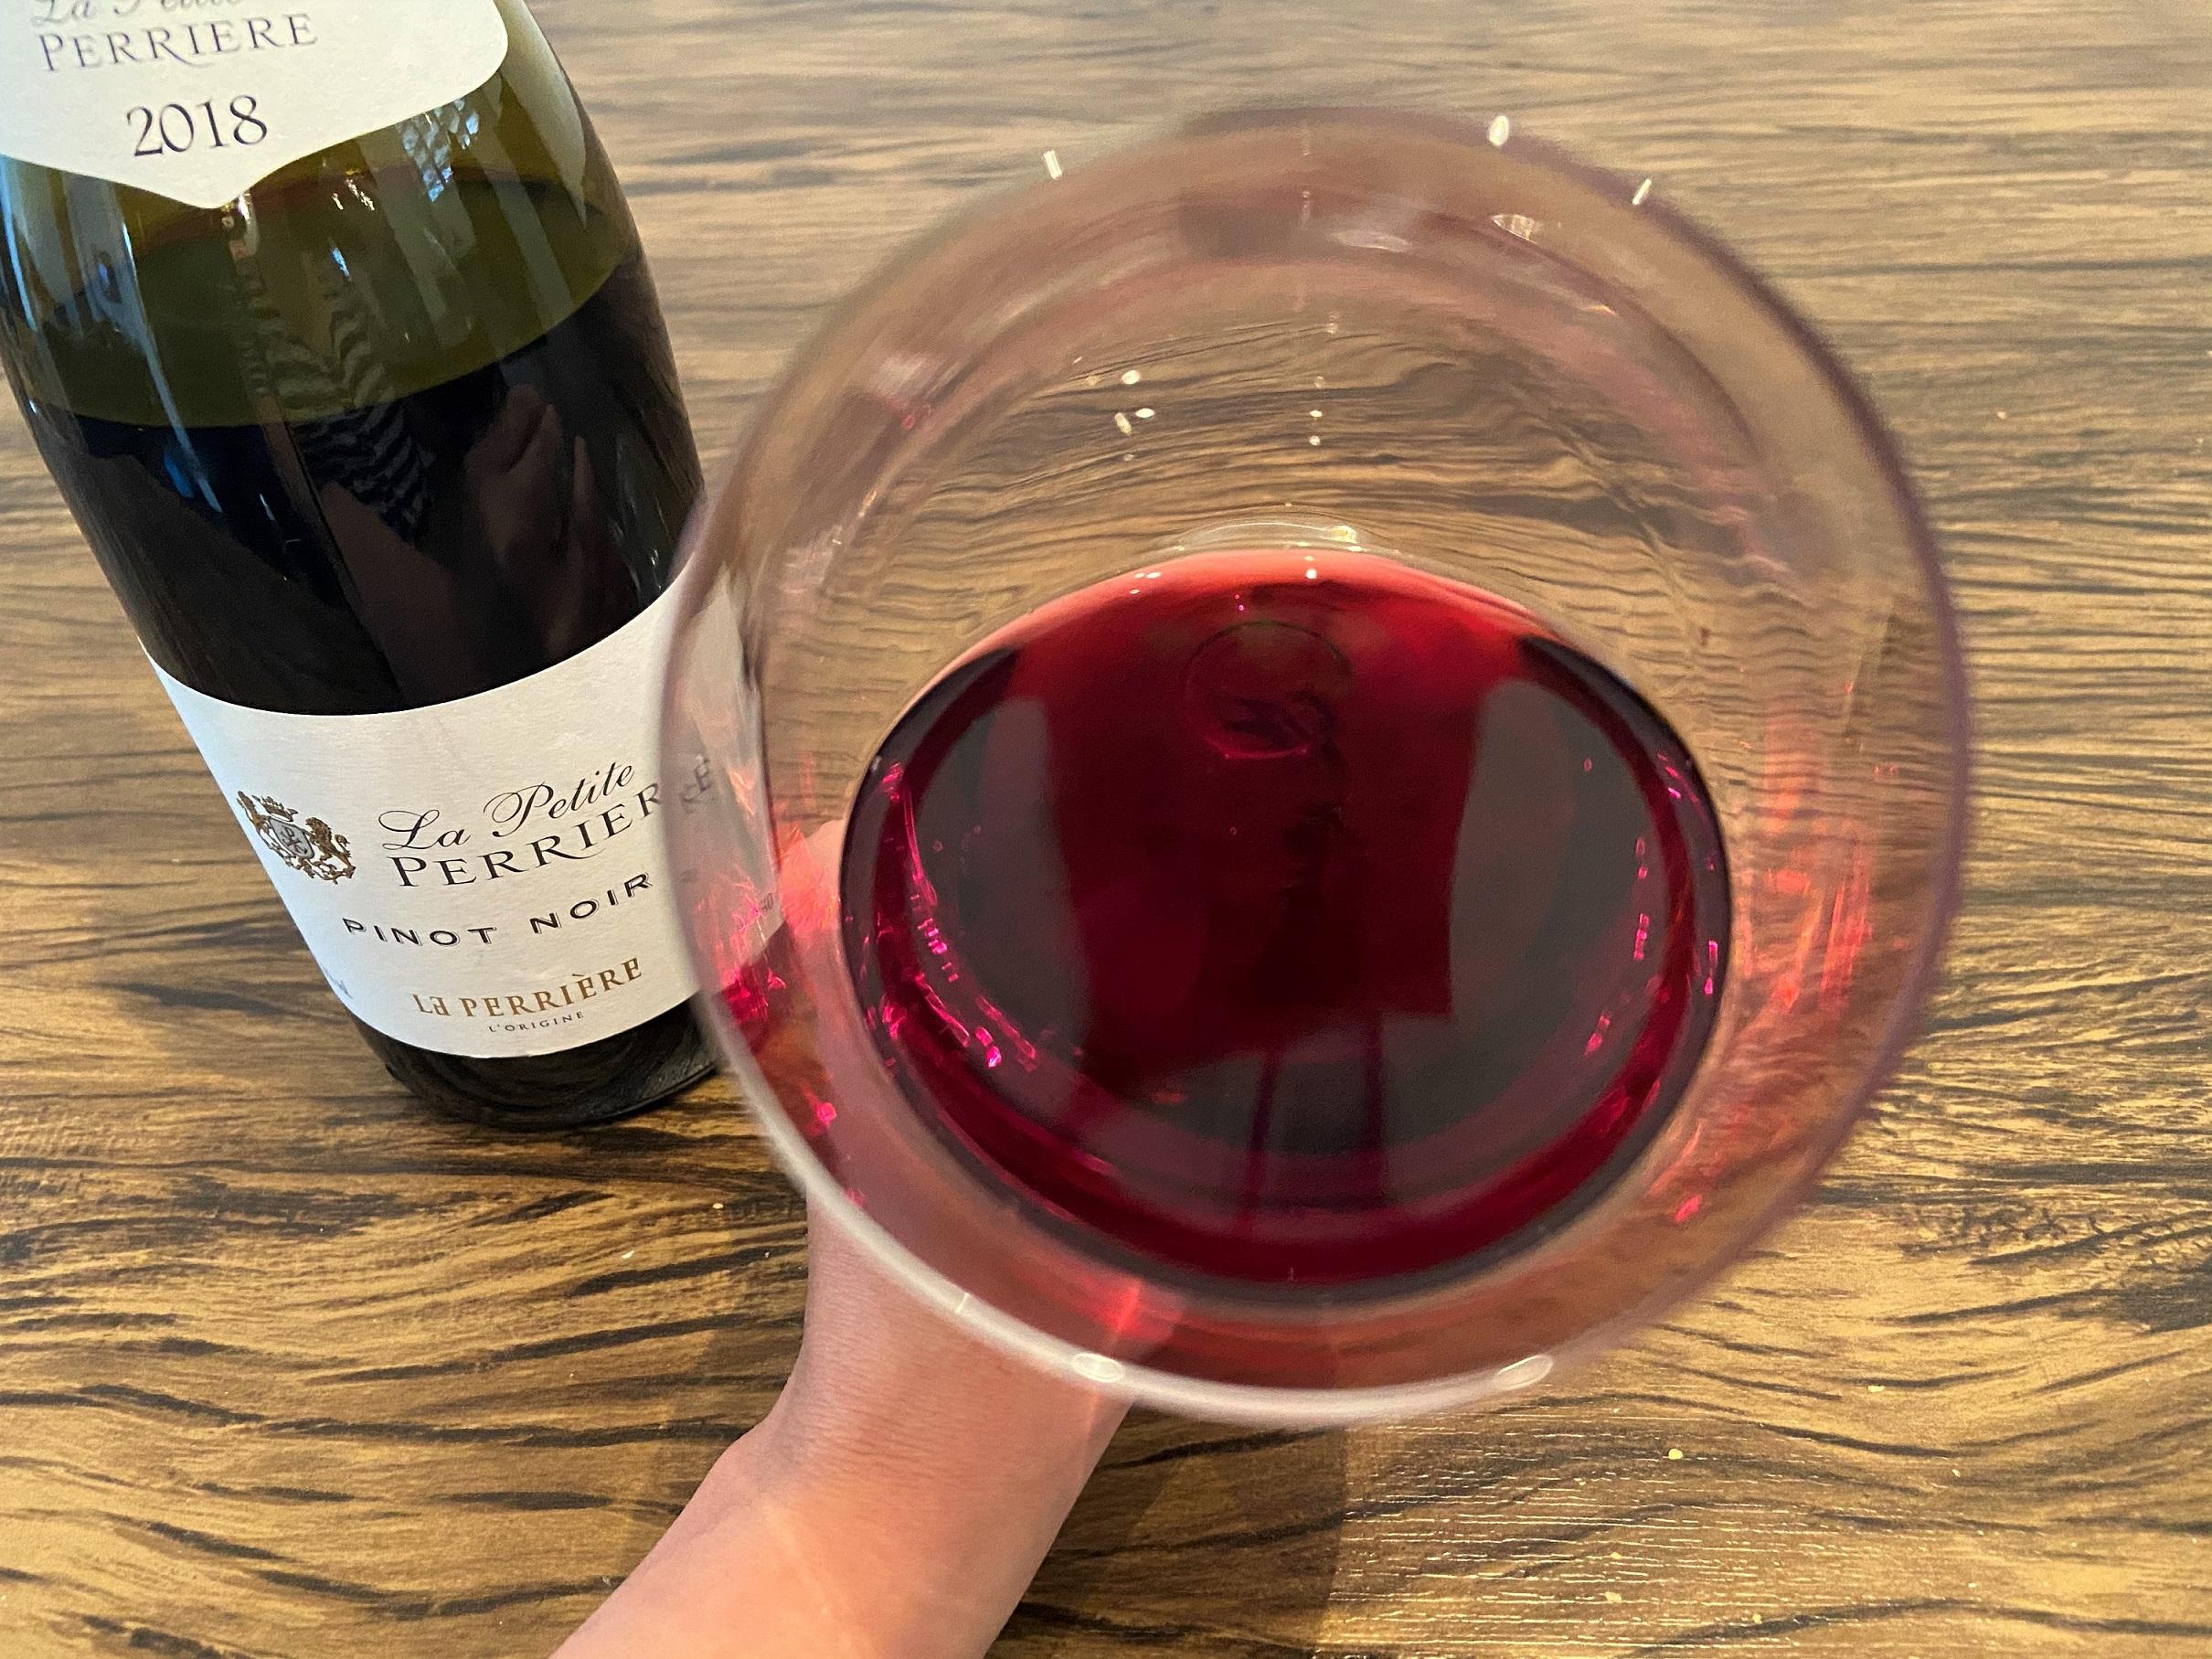 Vinho Pinot Noir Domaine Guy Saget